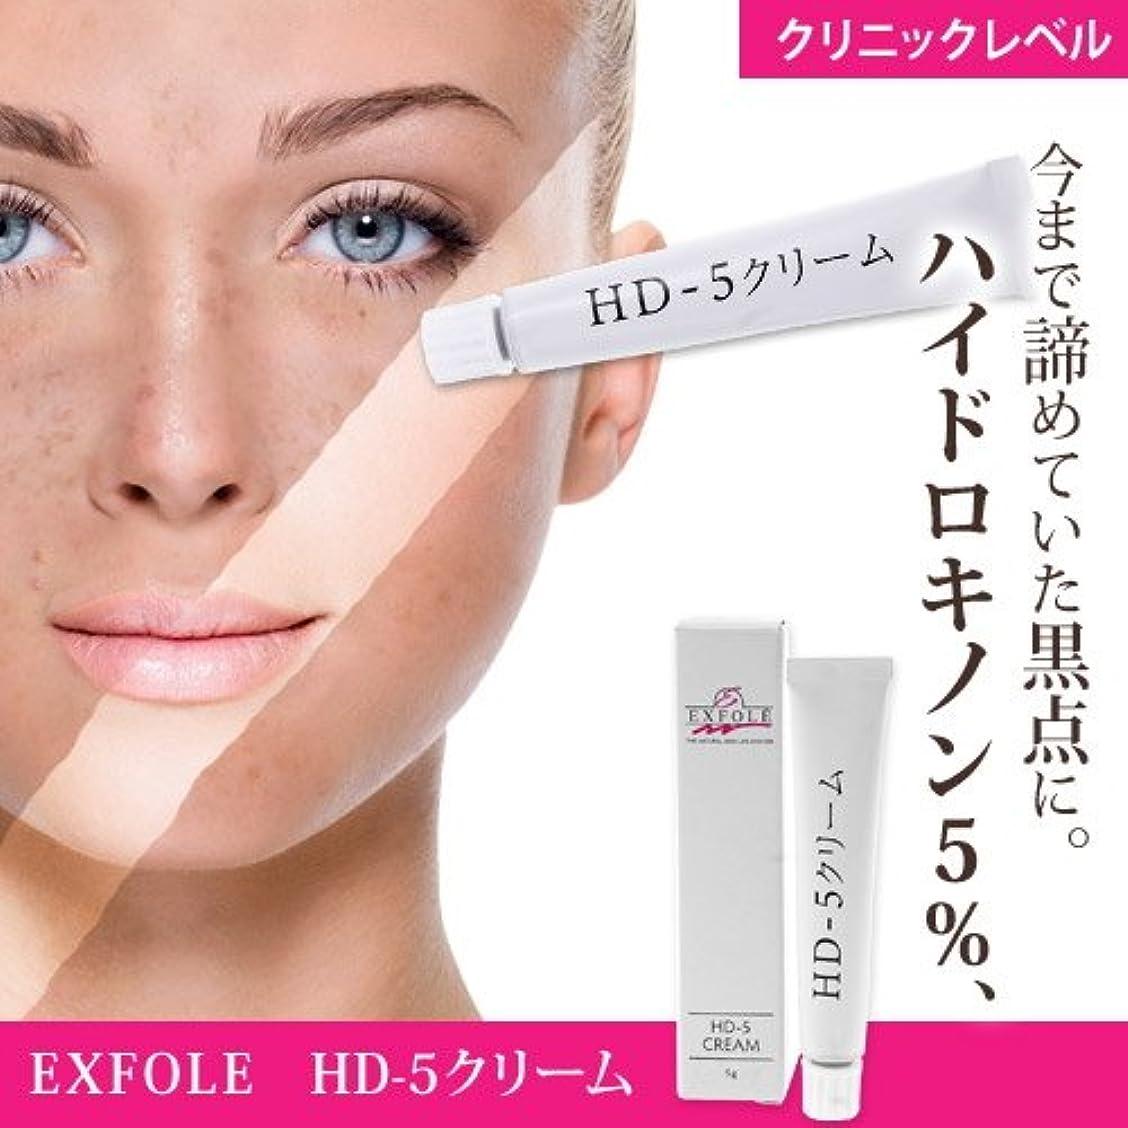 パーセント誠意年EXFOLE HD-5クリーム5g 3本セット